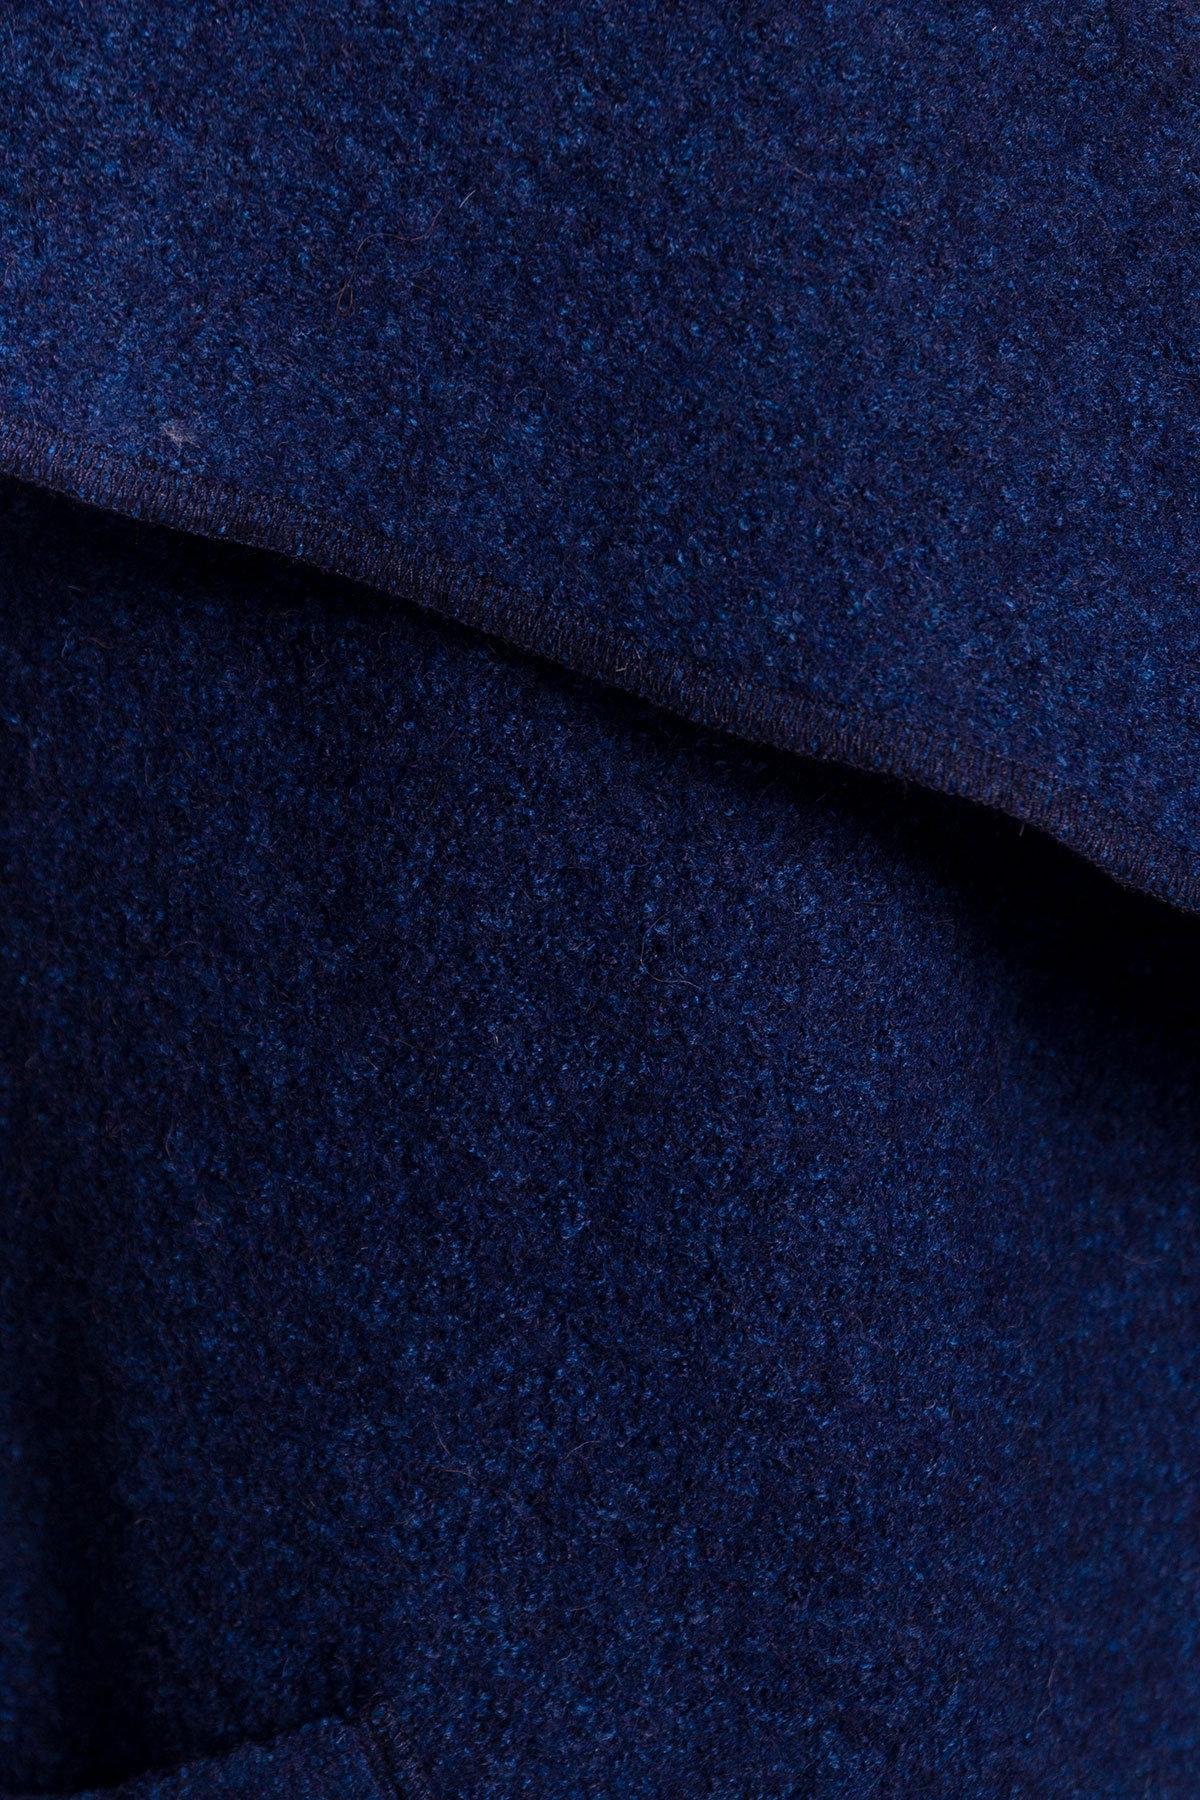 Кардиган прямого кроя с отложным воротником Муви 4856 АРТ. 34589 Цвет: Темно-синий/электрик-LW27 - фото 5, интернет магазин tm-modus.ru